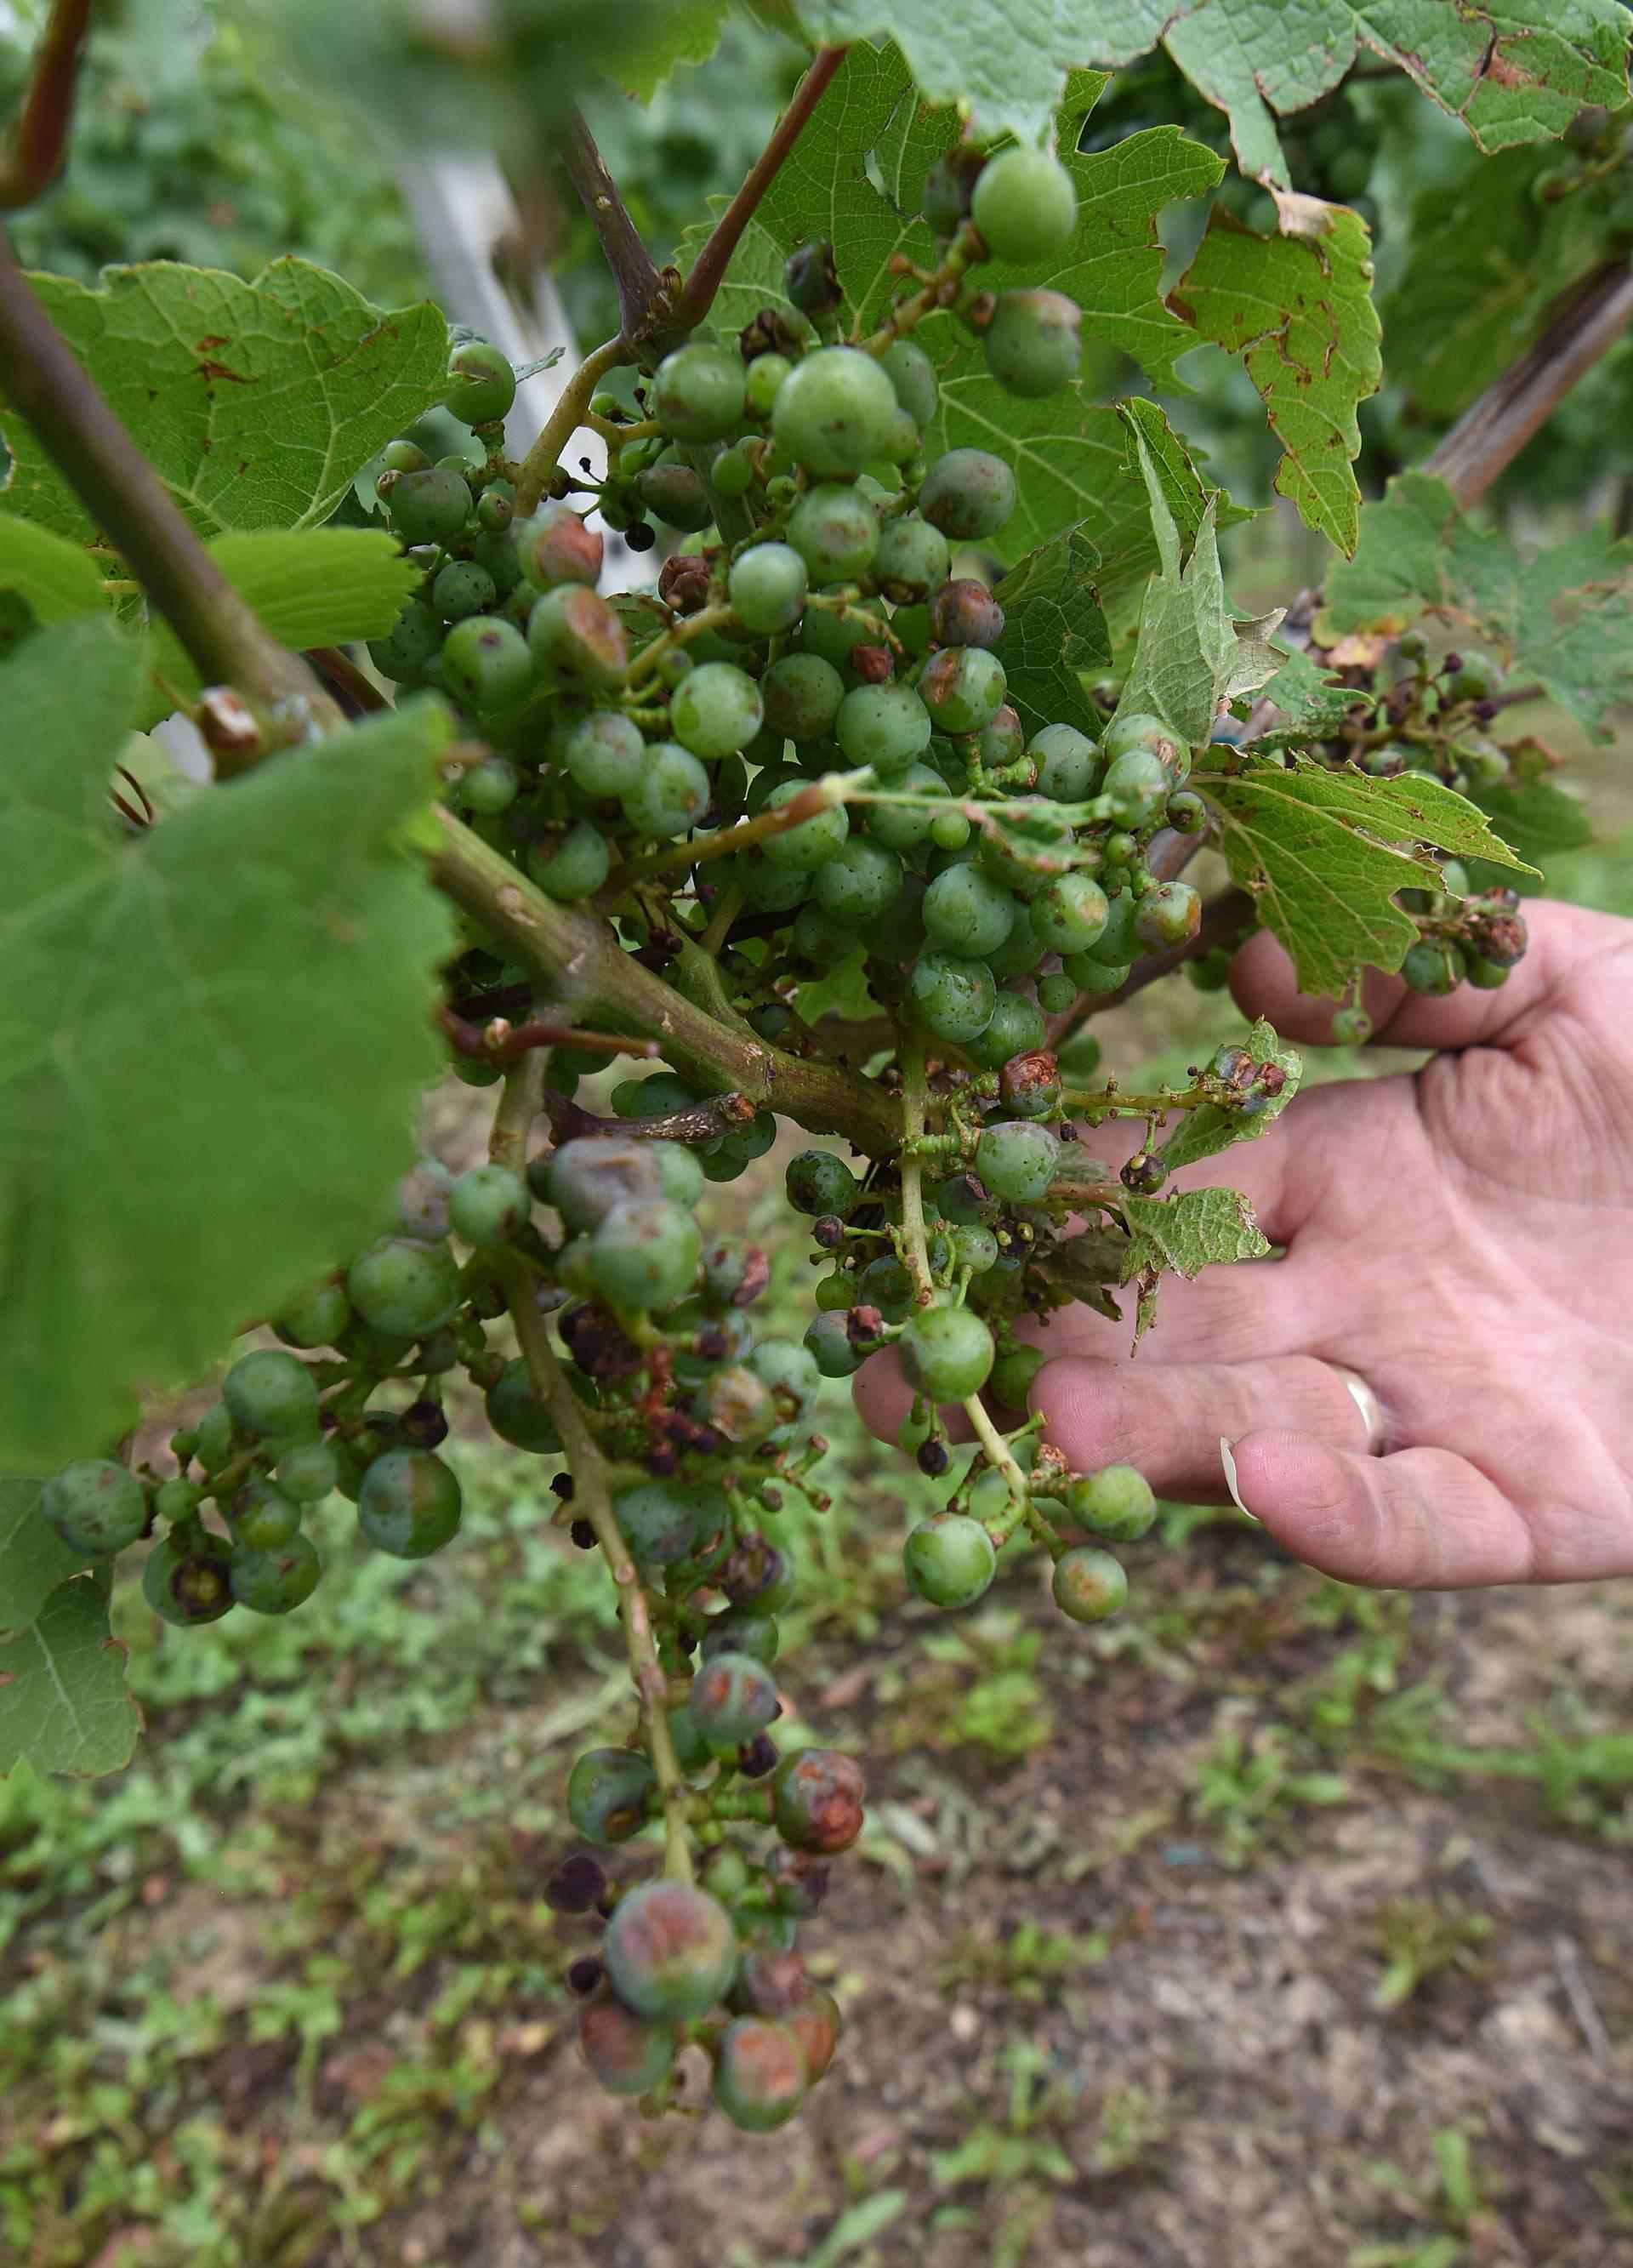 Tuča uništila vinograde: 'Sve je uništeno, posljedice su strašne'